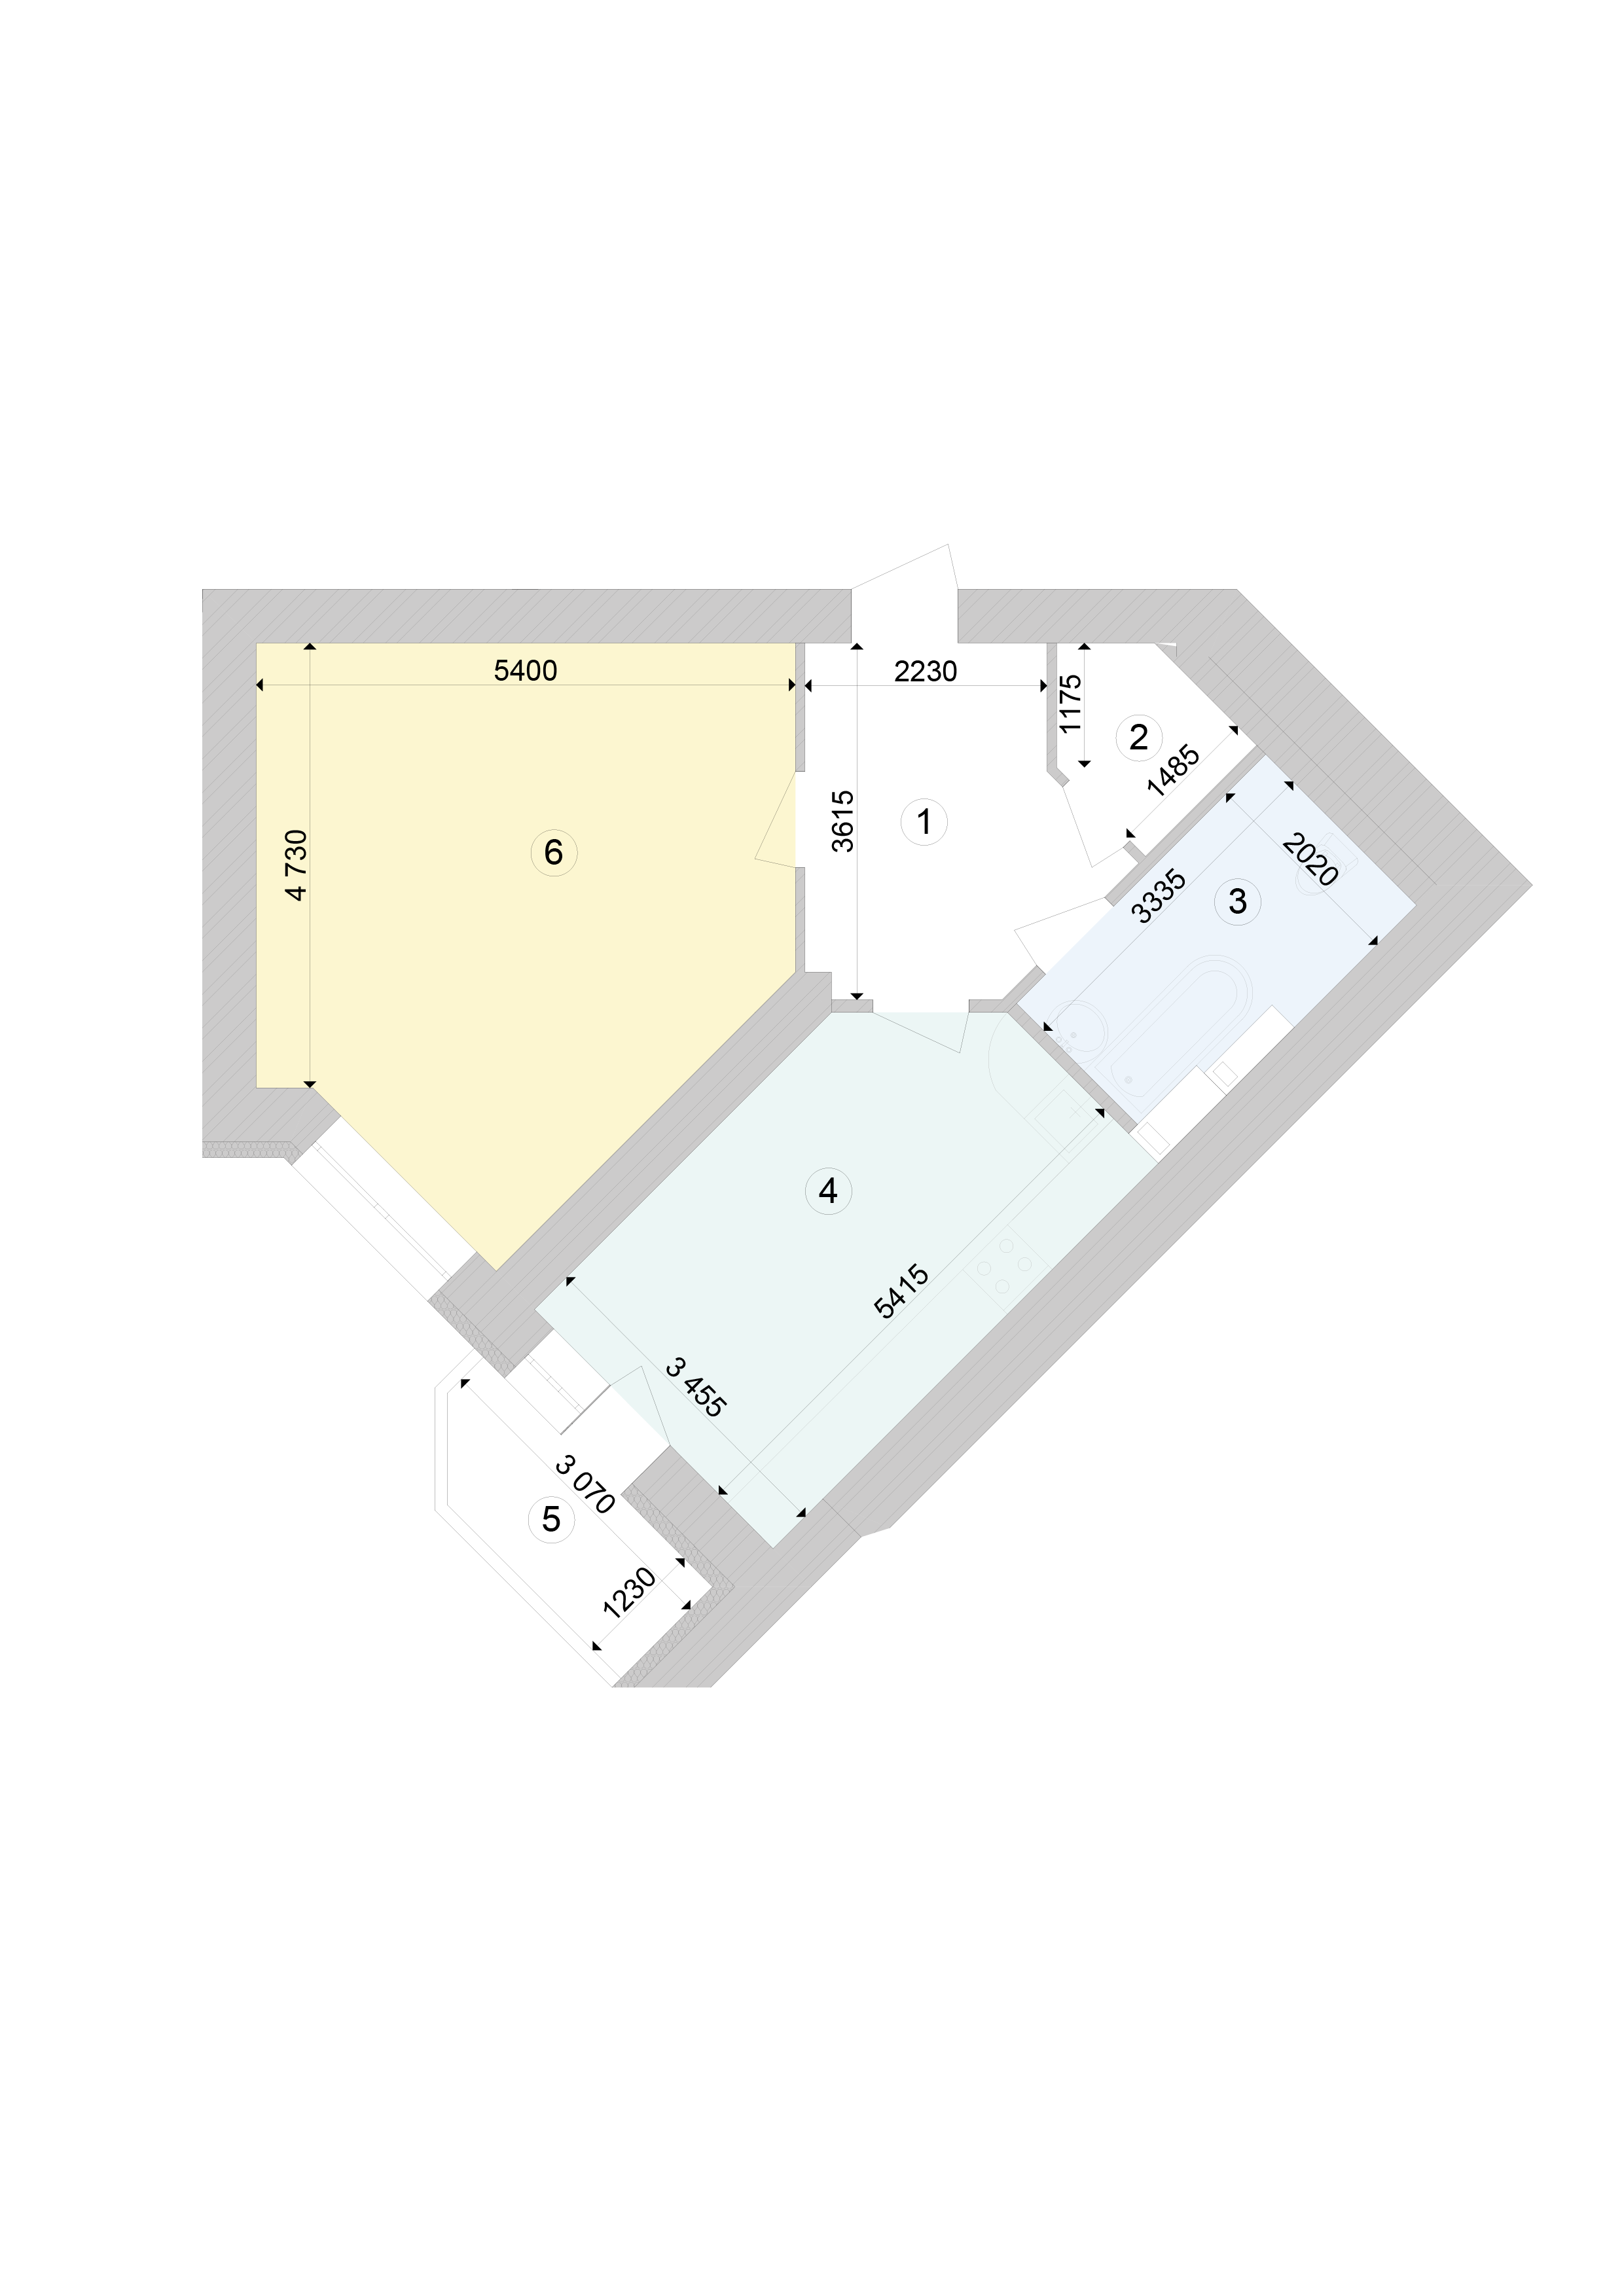 Купить Однокомнатная квартира 63,14 кв.м., тип 1.6, дом 1, секция 9 в Киеве Голосеевский район